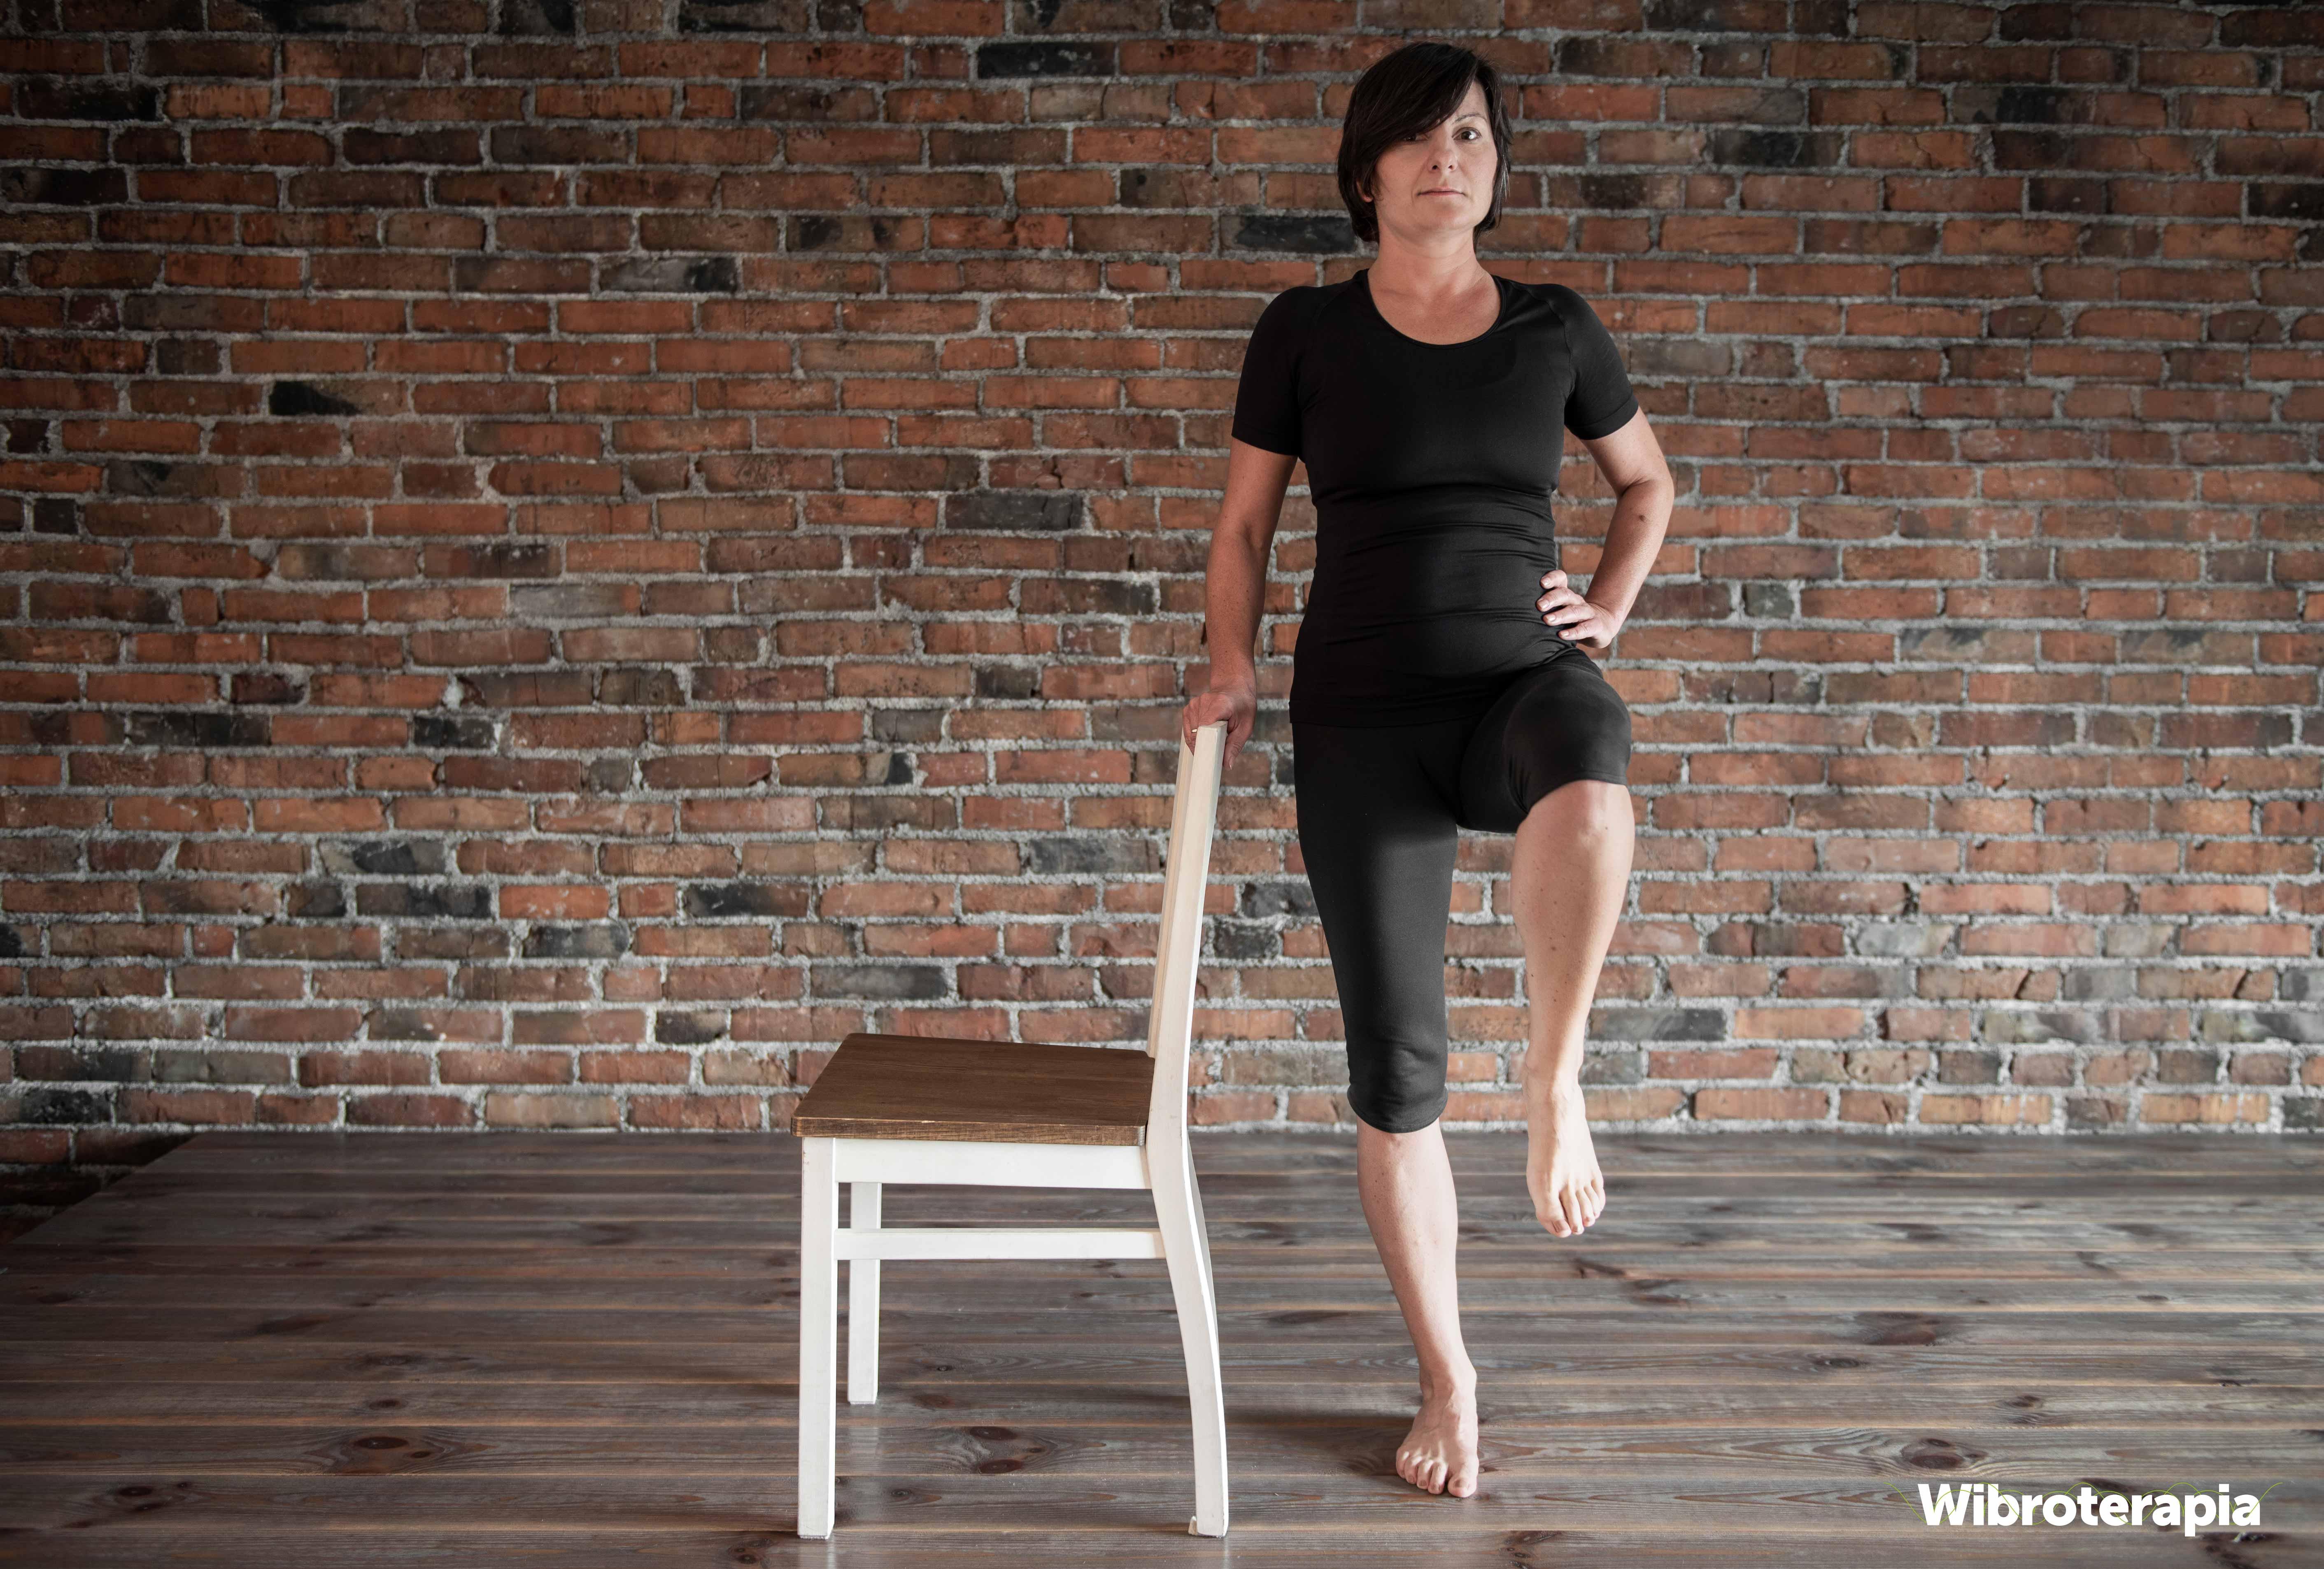 Ćwiczenia na ból biodra - podnoszenie nogi